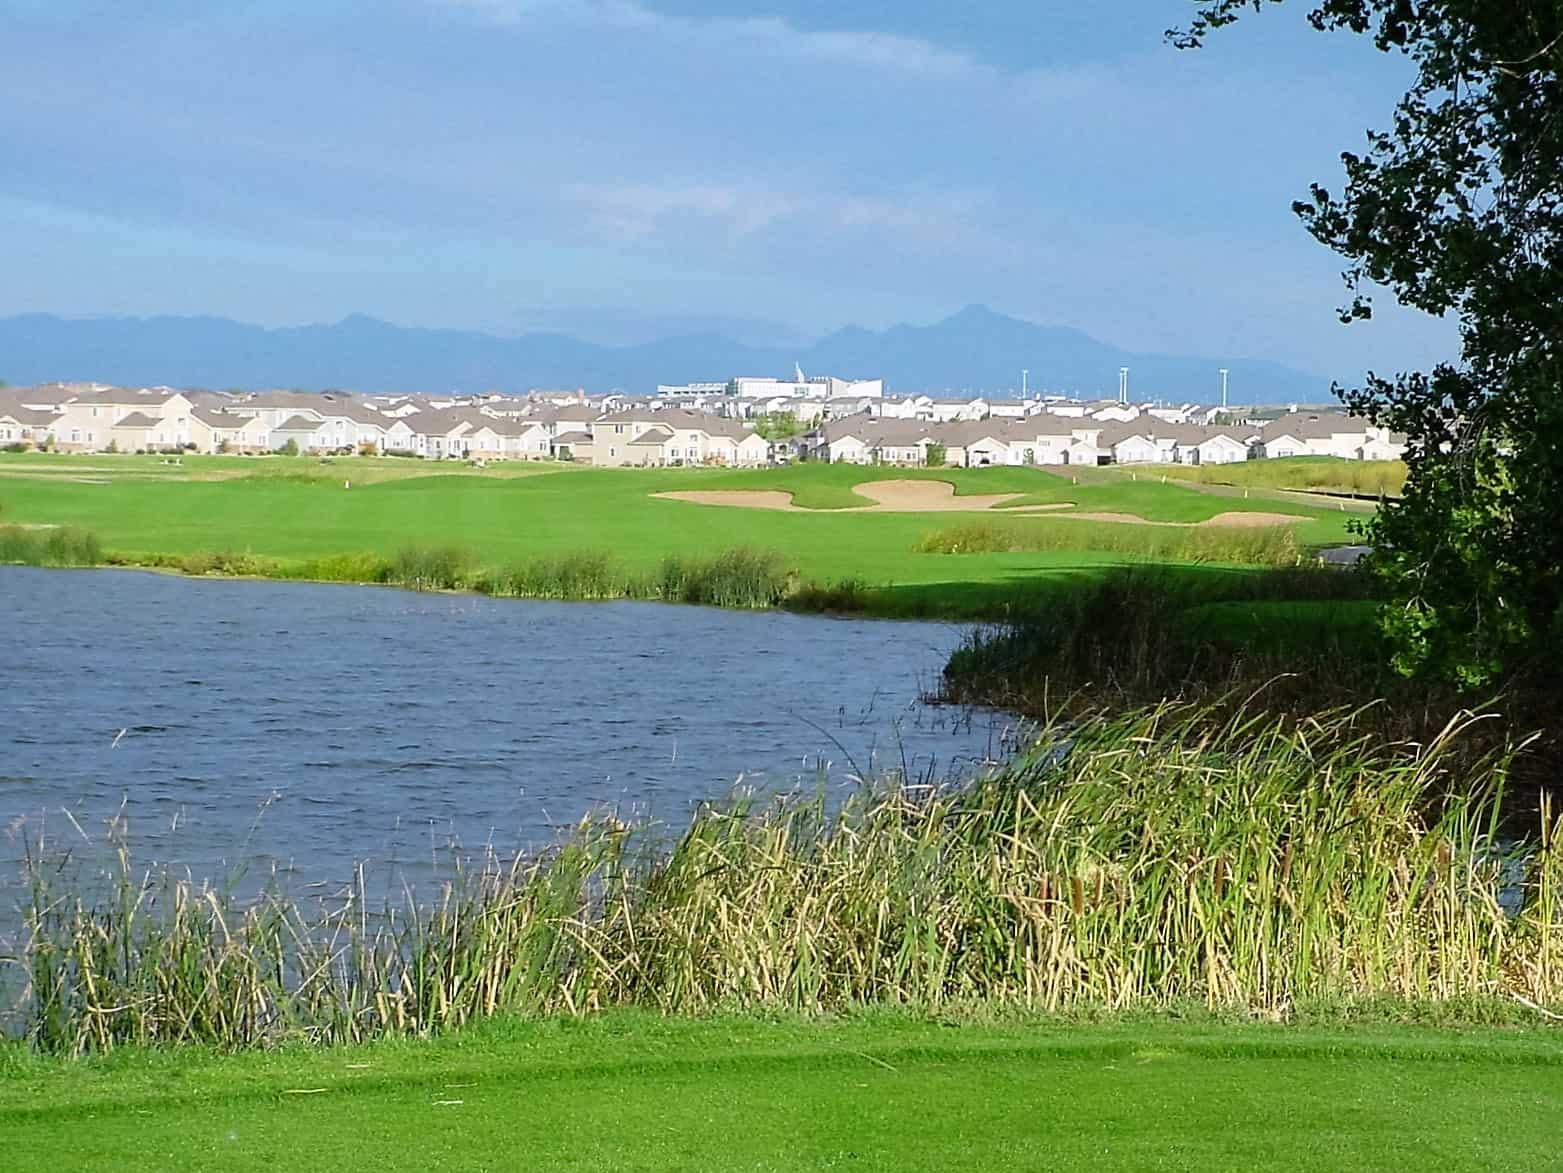 Broadlands Golf Course